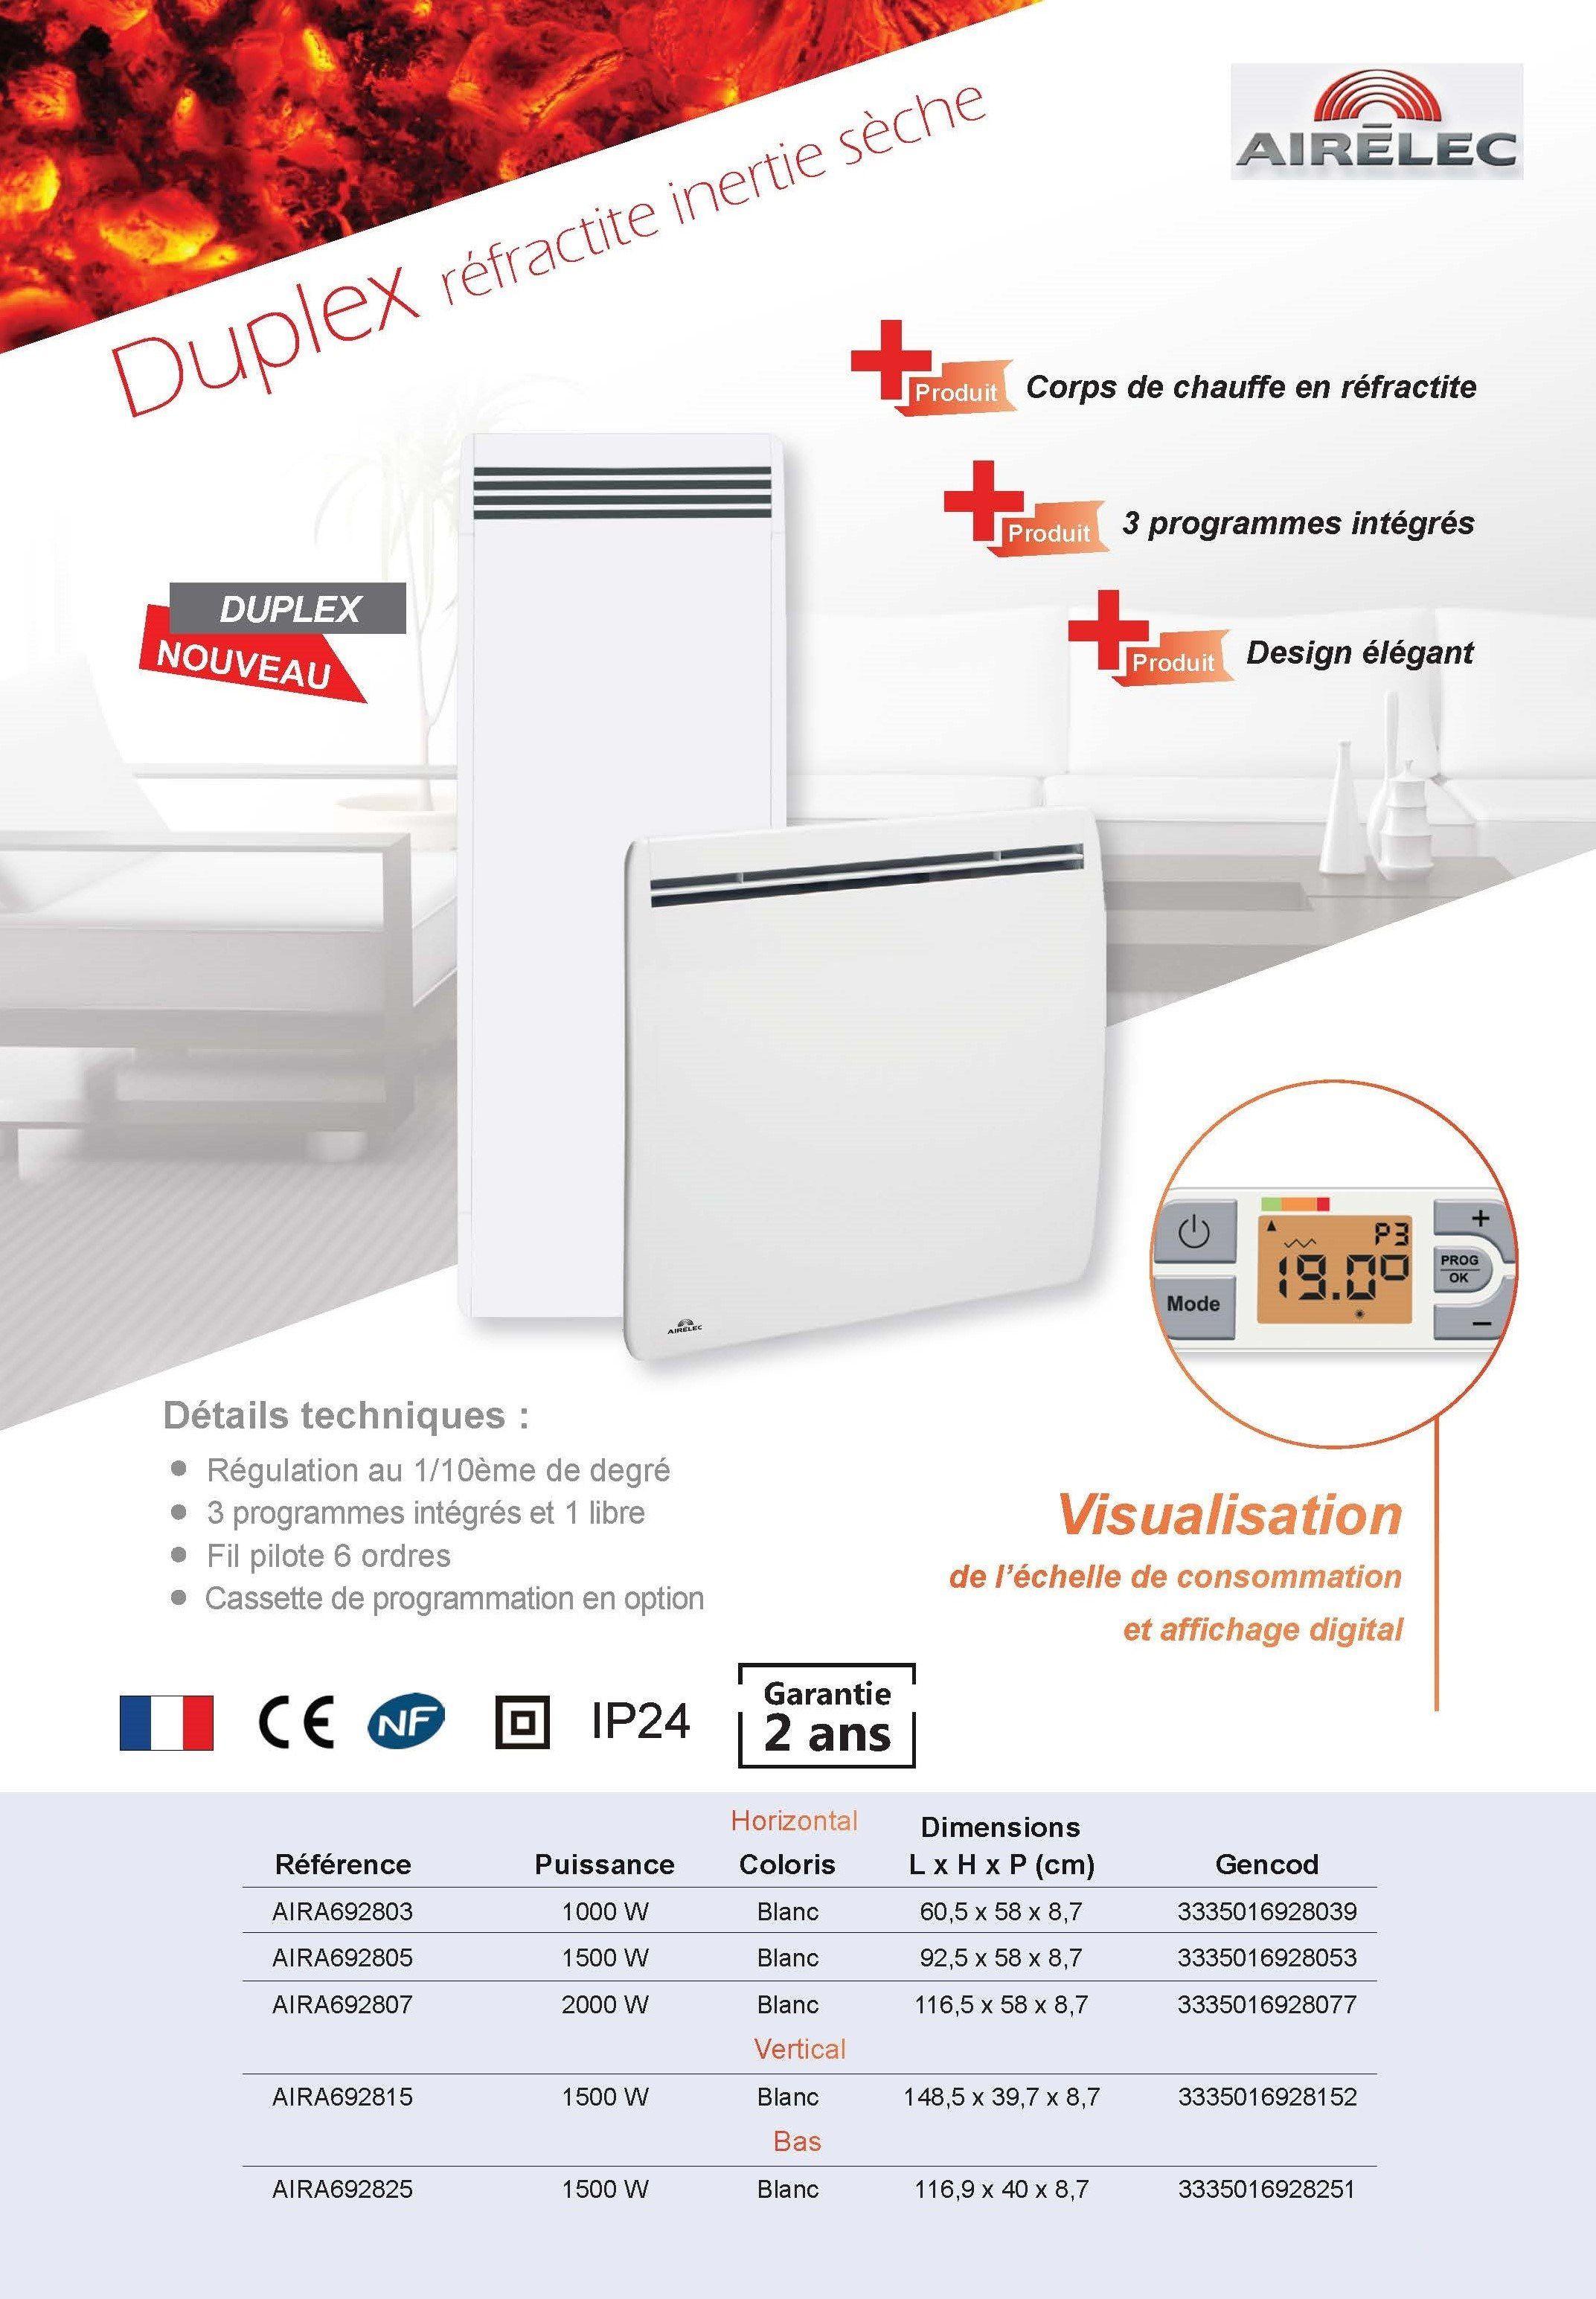 top airelec radiateur rfractite inertie sche horizontal. Black Bedroom Furniture Sets. Home Design Ideas